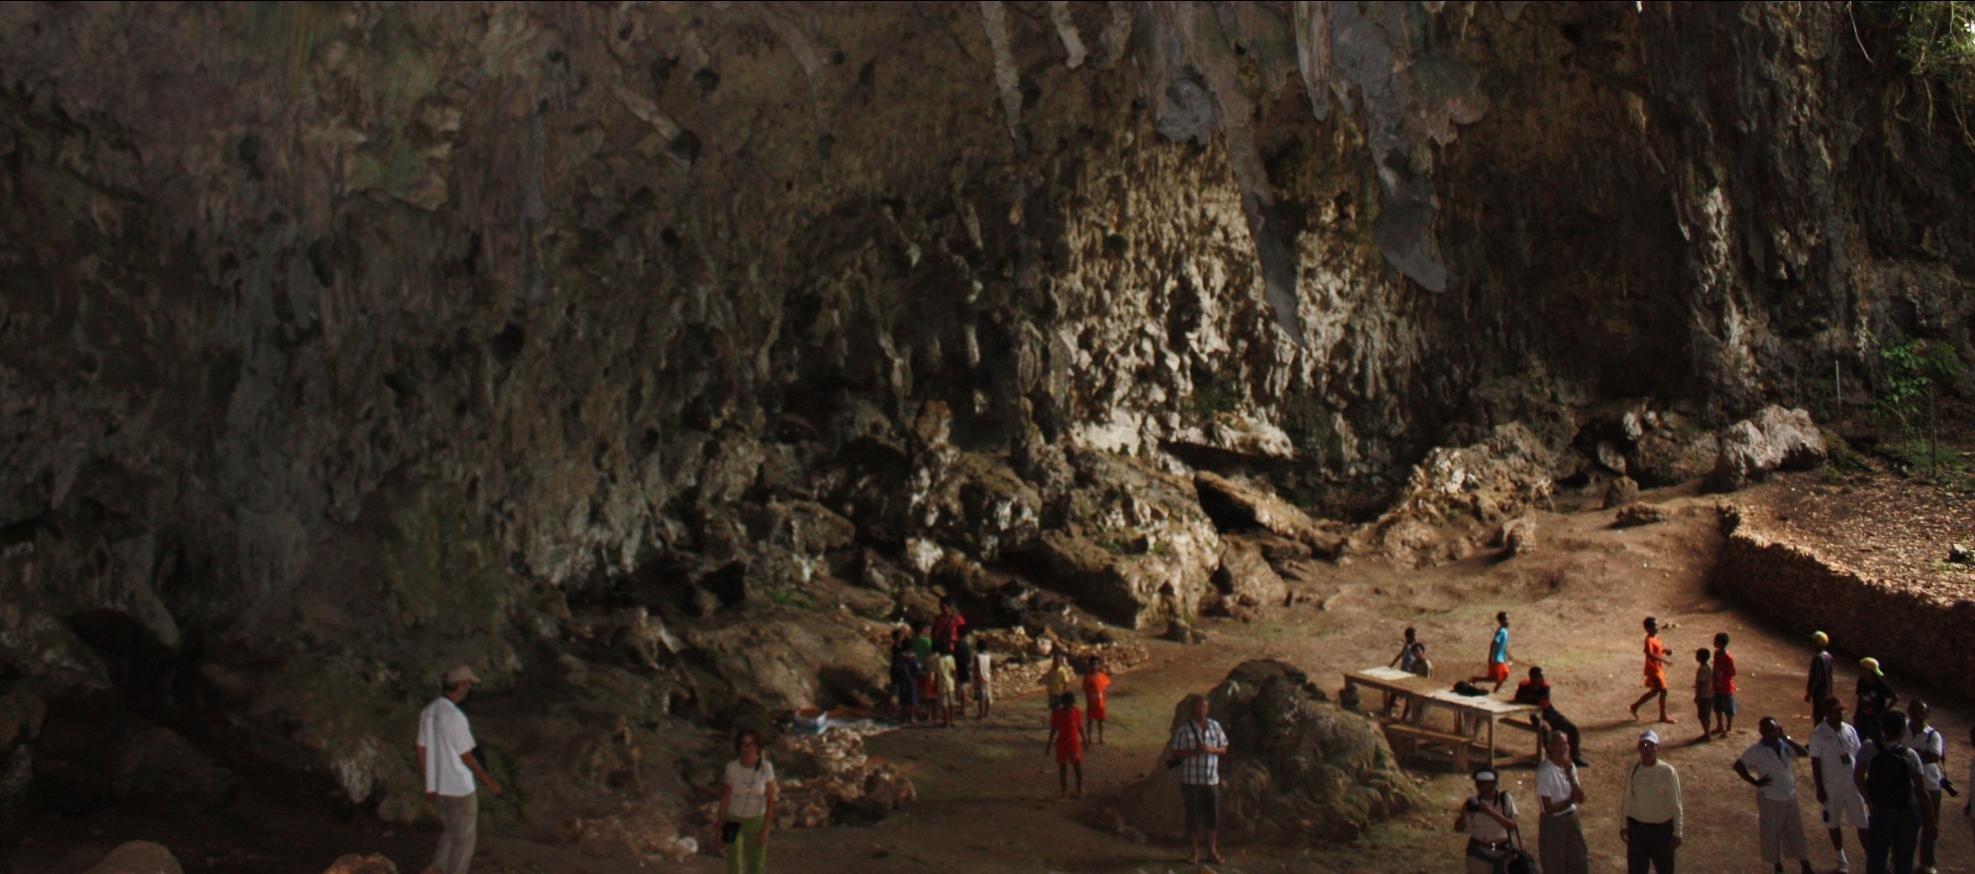 Liang Bua cave